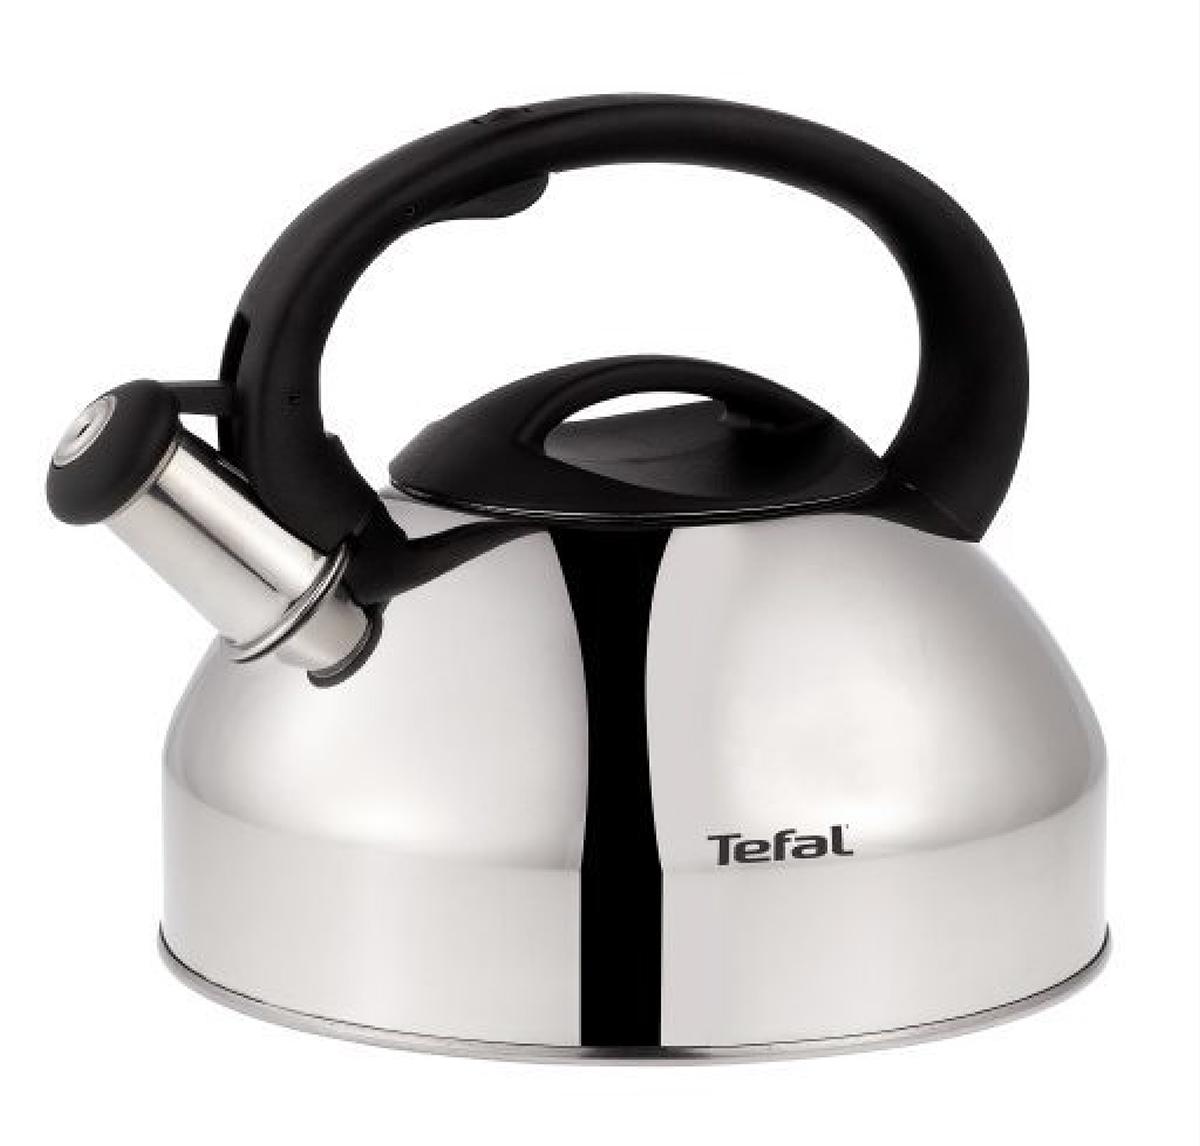 Чайник Tefal, со свистком, 2,5 л. C7921024C7921024Чайник Tefal изготовлен из шлифованной нержавеющей стали. Фиксированная ручка эргономичной формы изготовлена из бакелита. Носик чайника оснащен откидным свистком, звуковой сигнал которого подскажет, когда закипит вода. Свисток открывается/закрывается с помощью рычага на ручке чайника.Чайник Tefal - качественное исполнение и стильное решение для вашей кухни.Чайник подходит для всех типов плит, кроме индукционных.